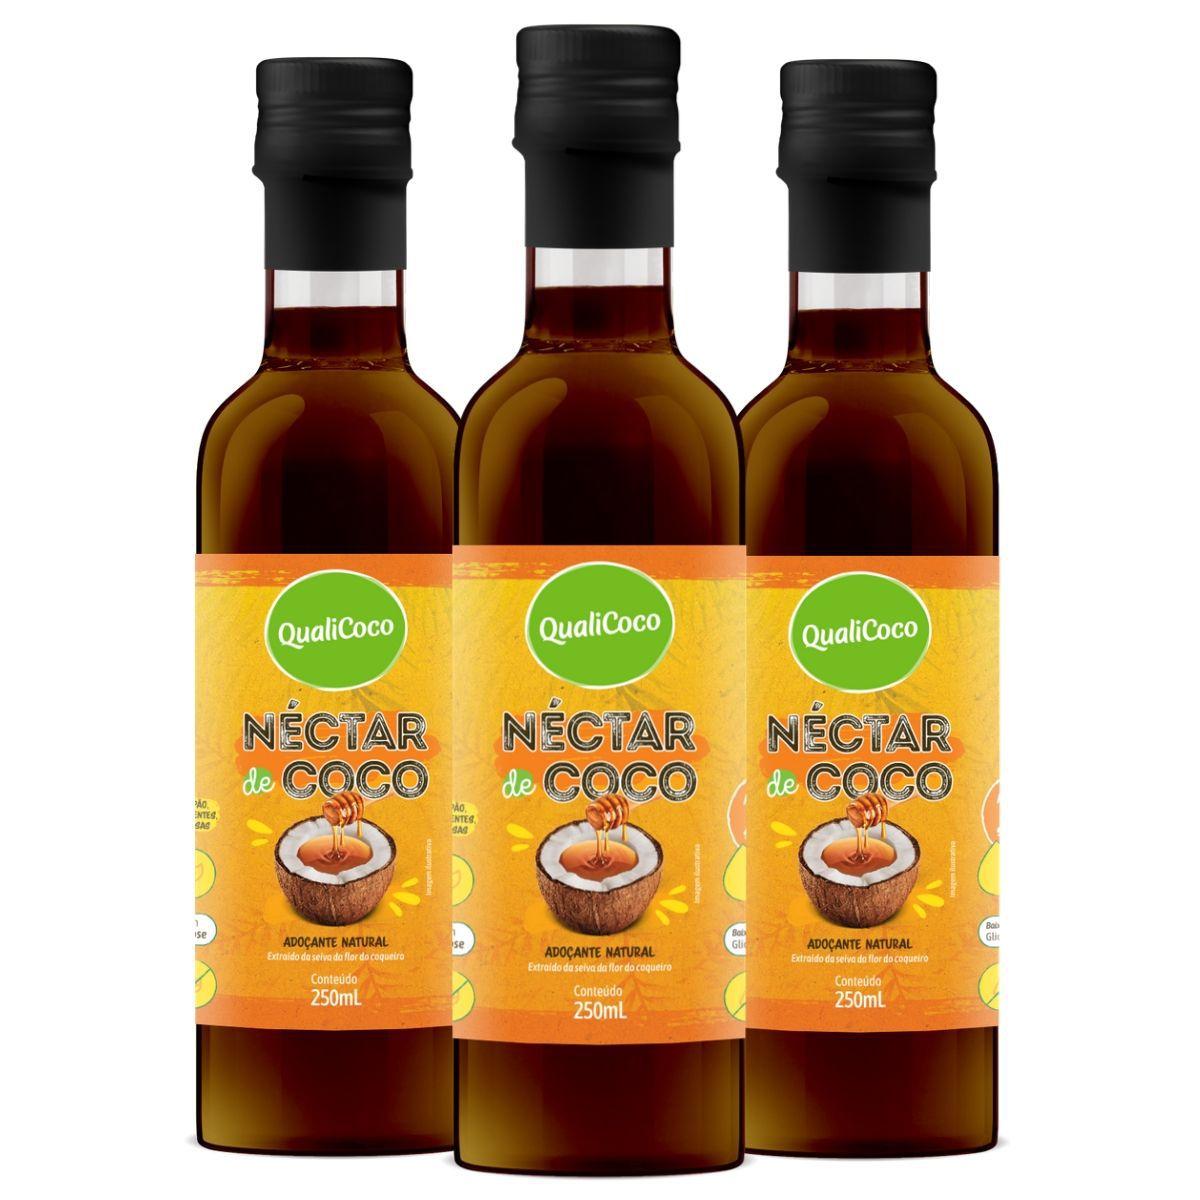 Kit 3 Néctar de Coco Adoçante Natural 250ml - QualiCoco